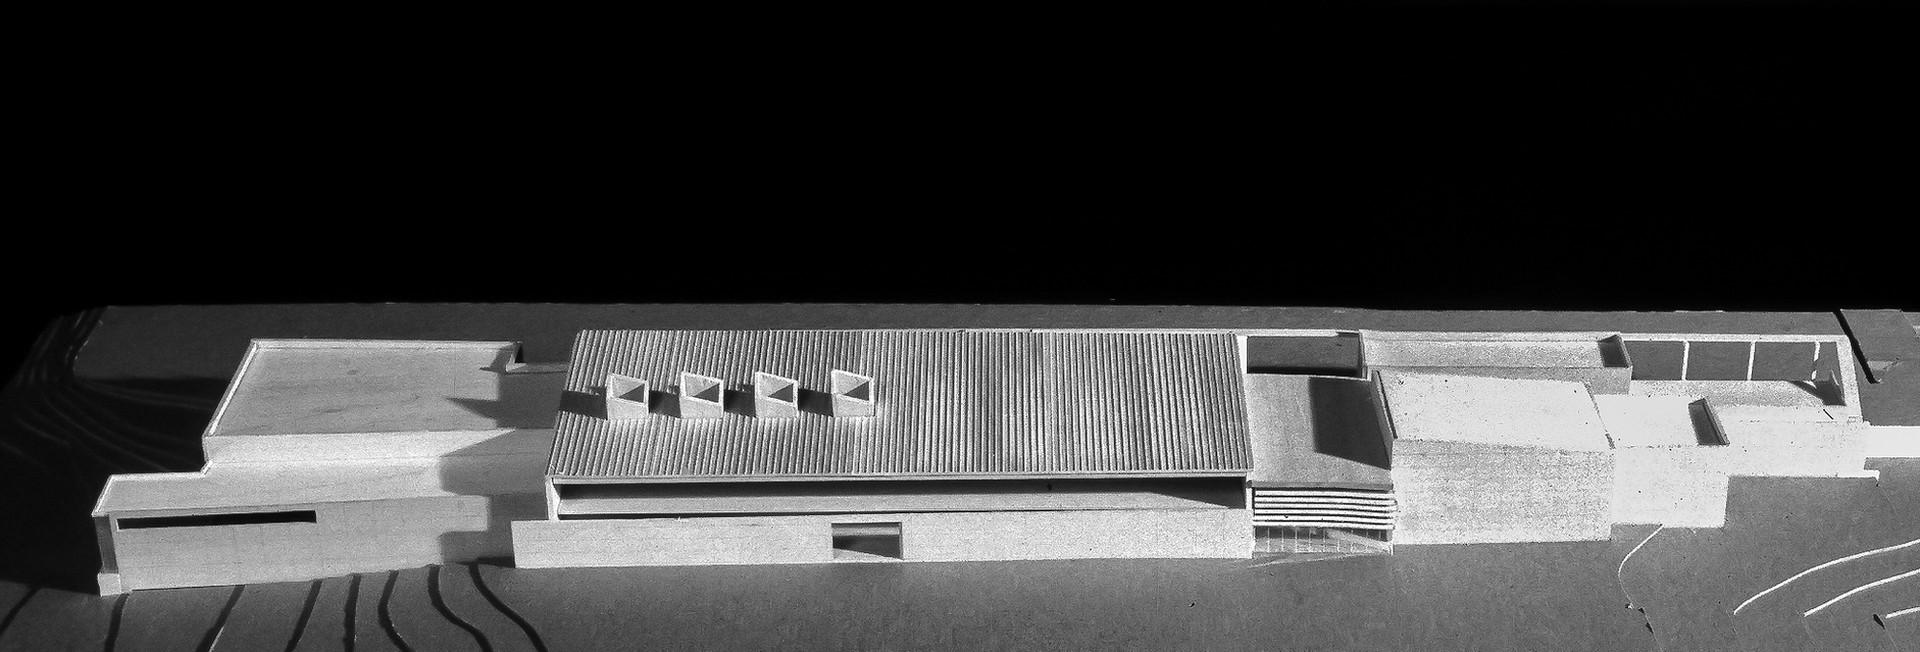 023 Chicago Bears Headquarters Model.jpg